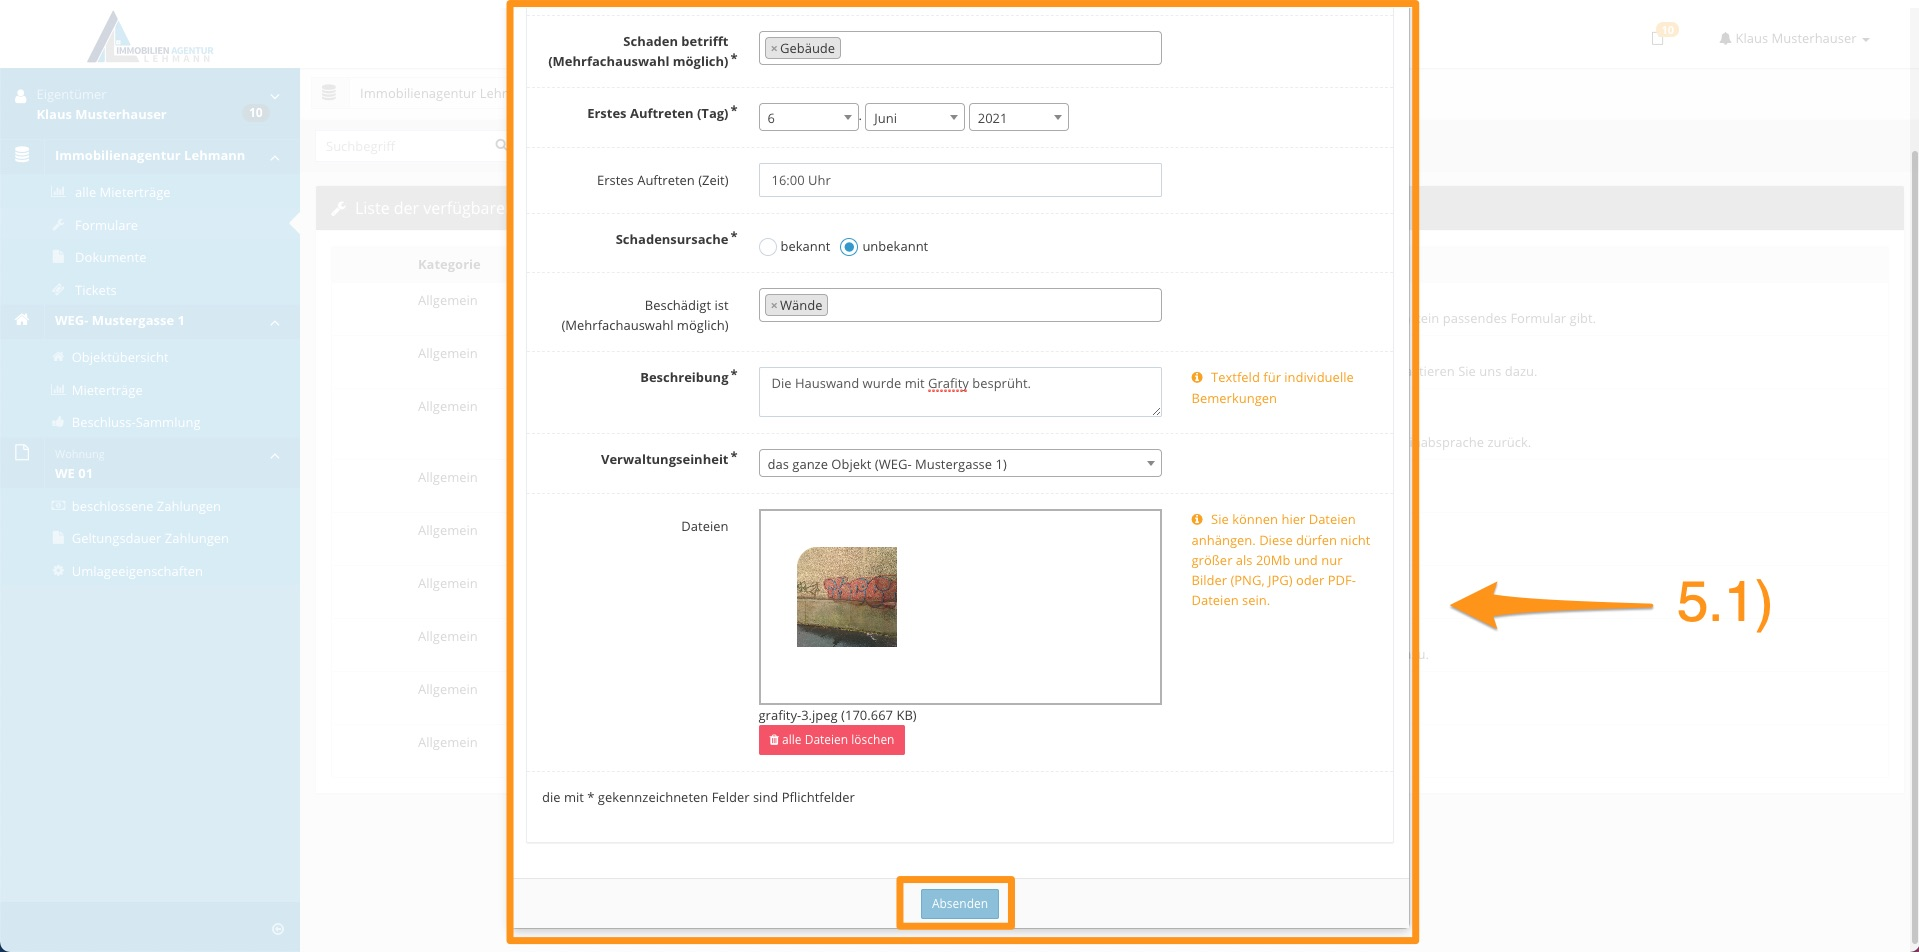 6. Erklärung Portal